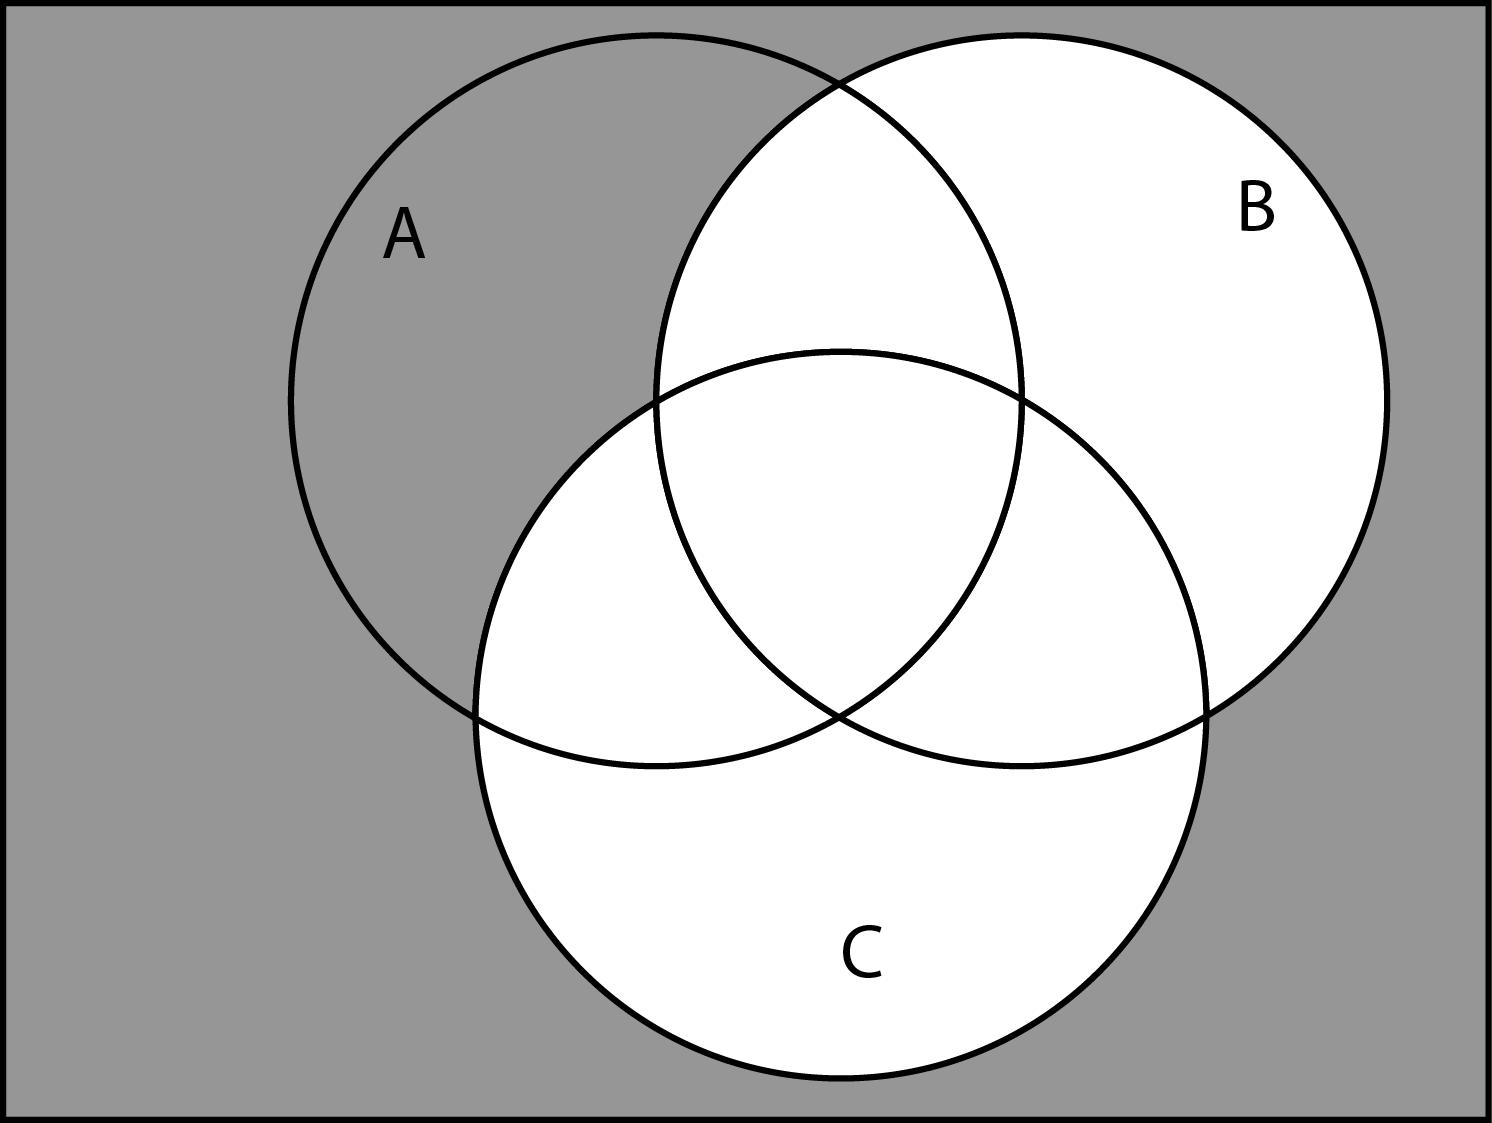 картинки кругов множество для семьи